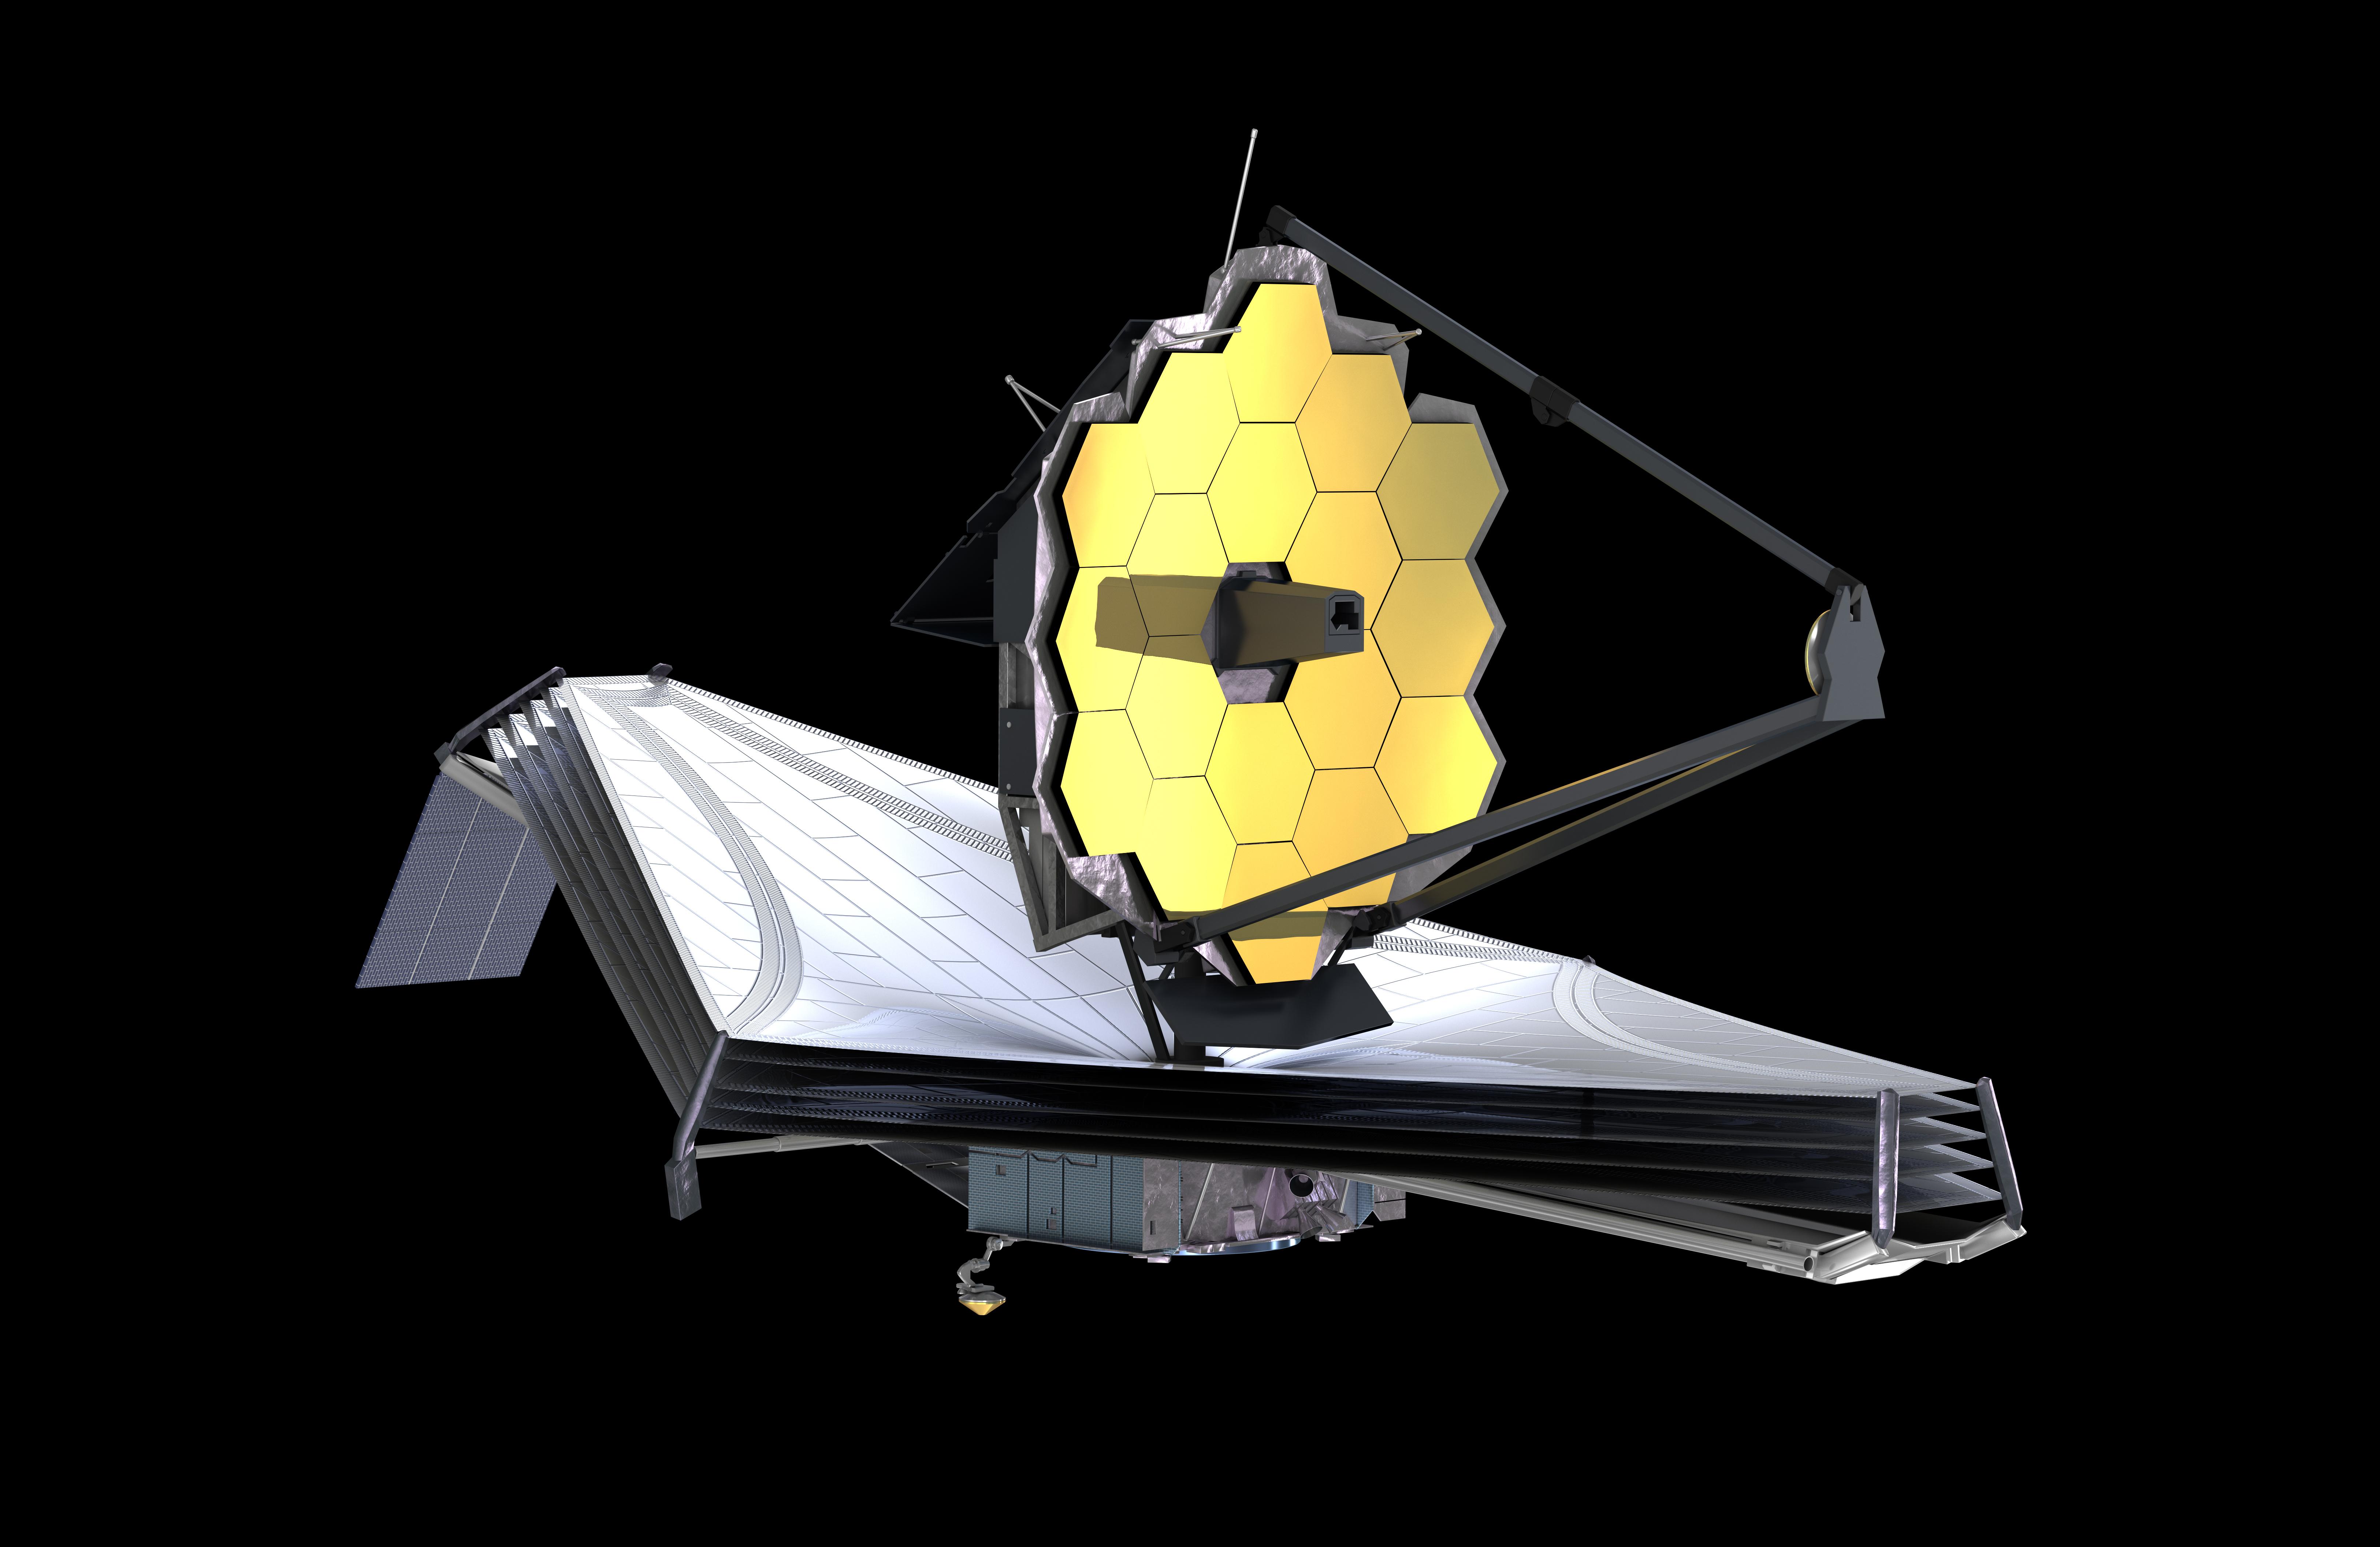 NASA nihayet 18 Aralık'ta James Webb Uzay Teleskobu'nu fırlatacak | Engadget